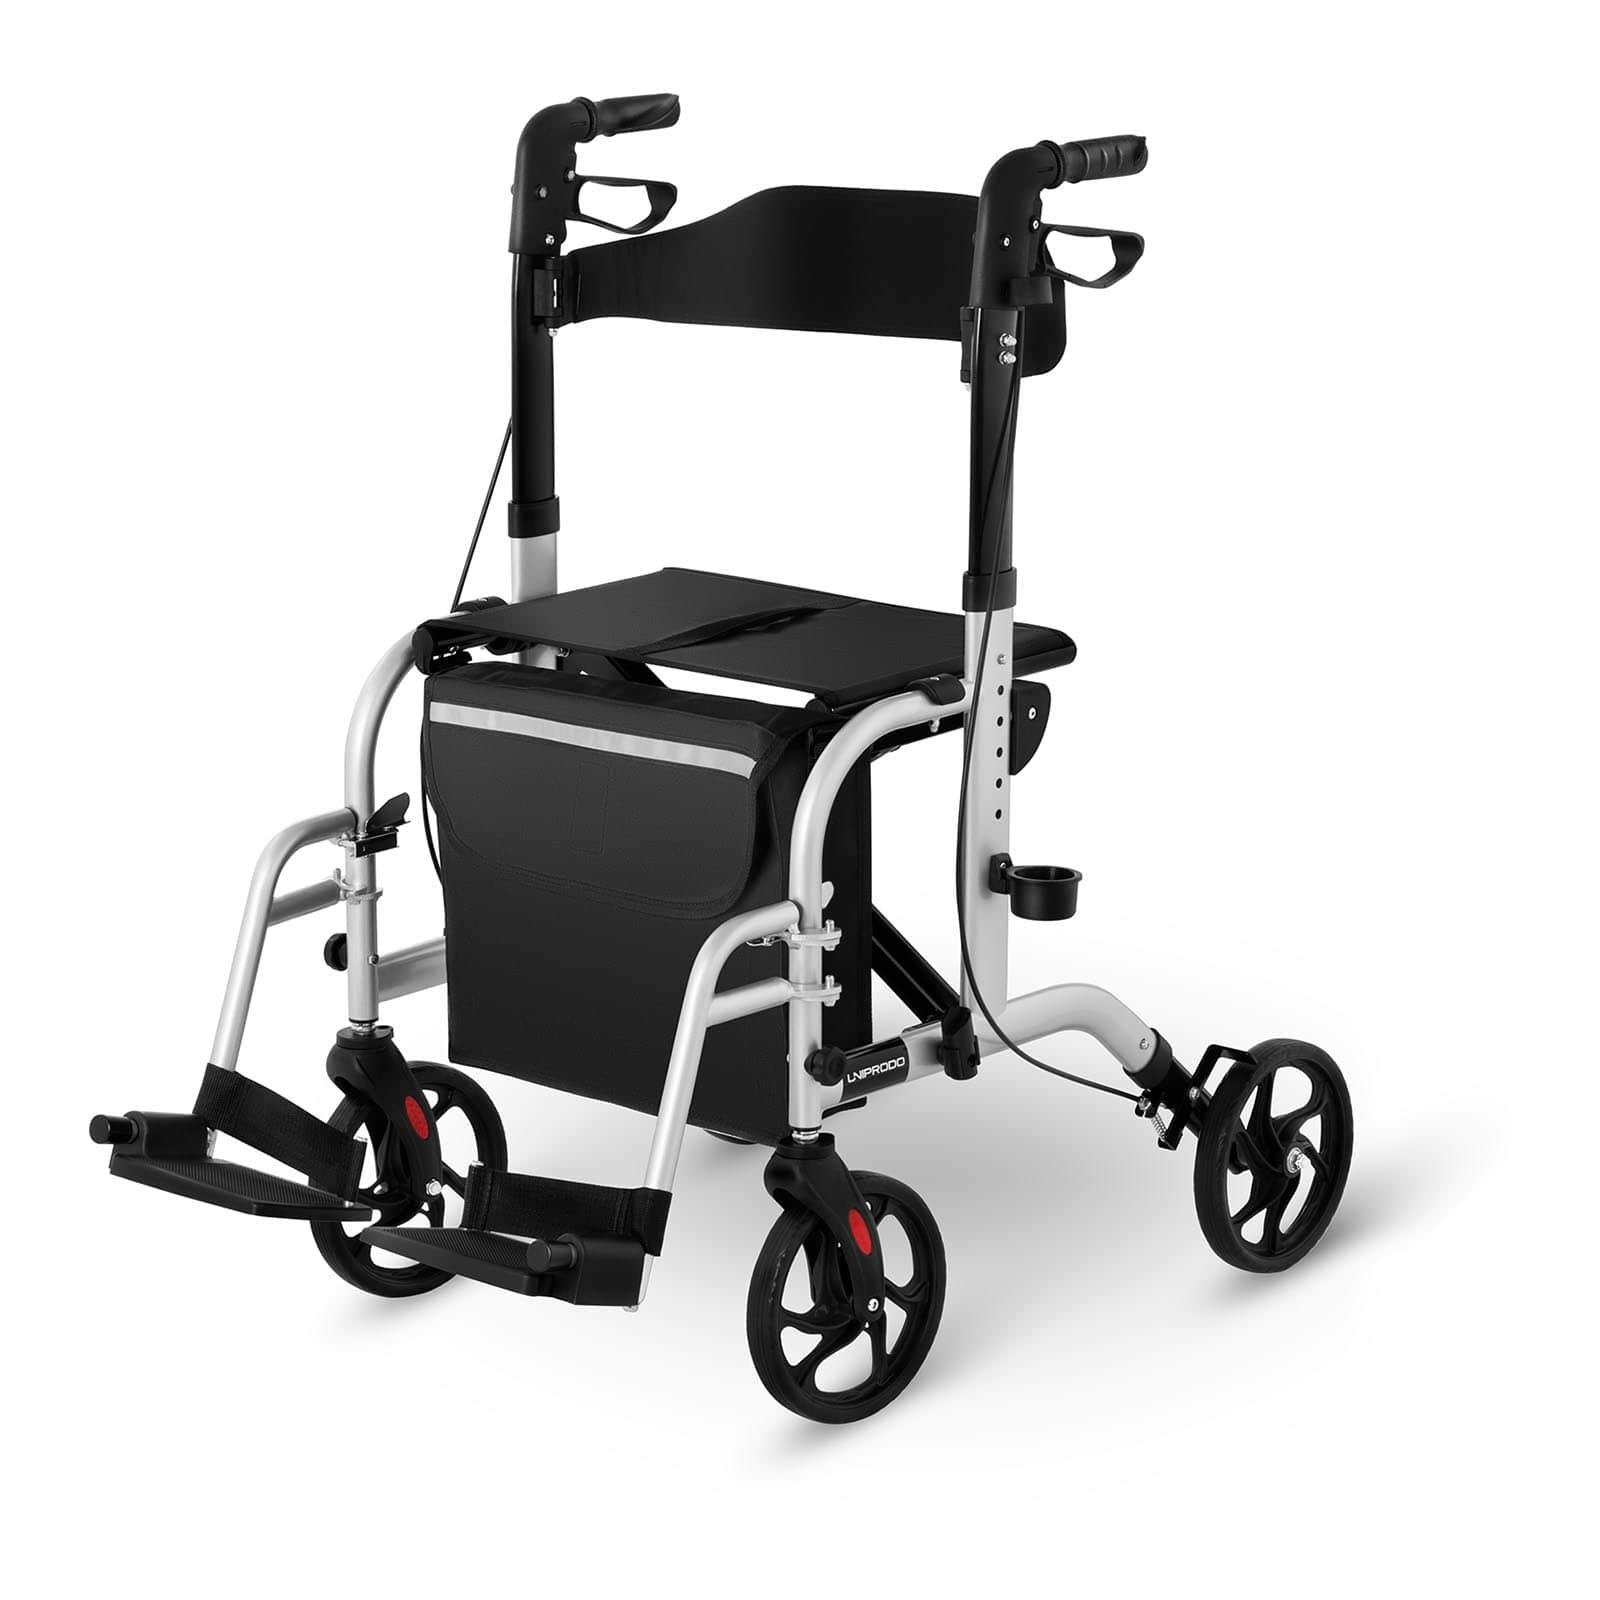 Deambulatore per anziani e disabili